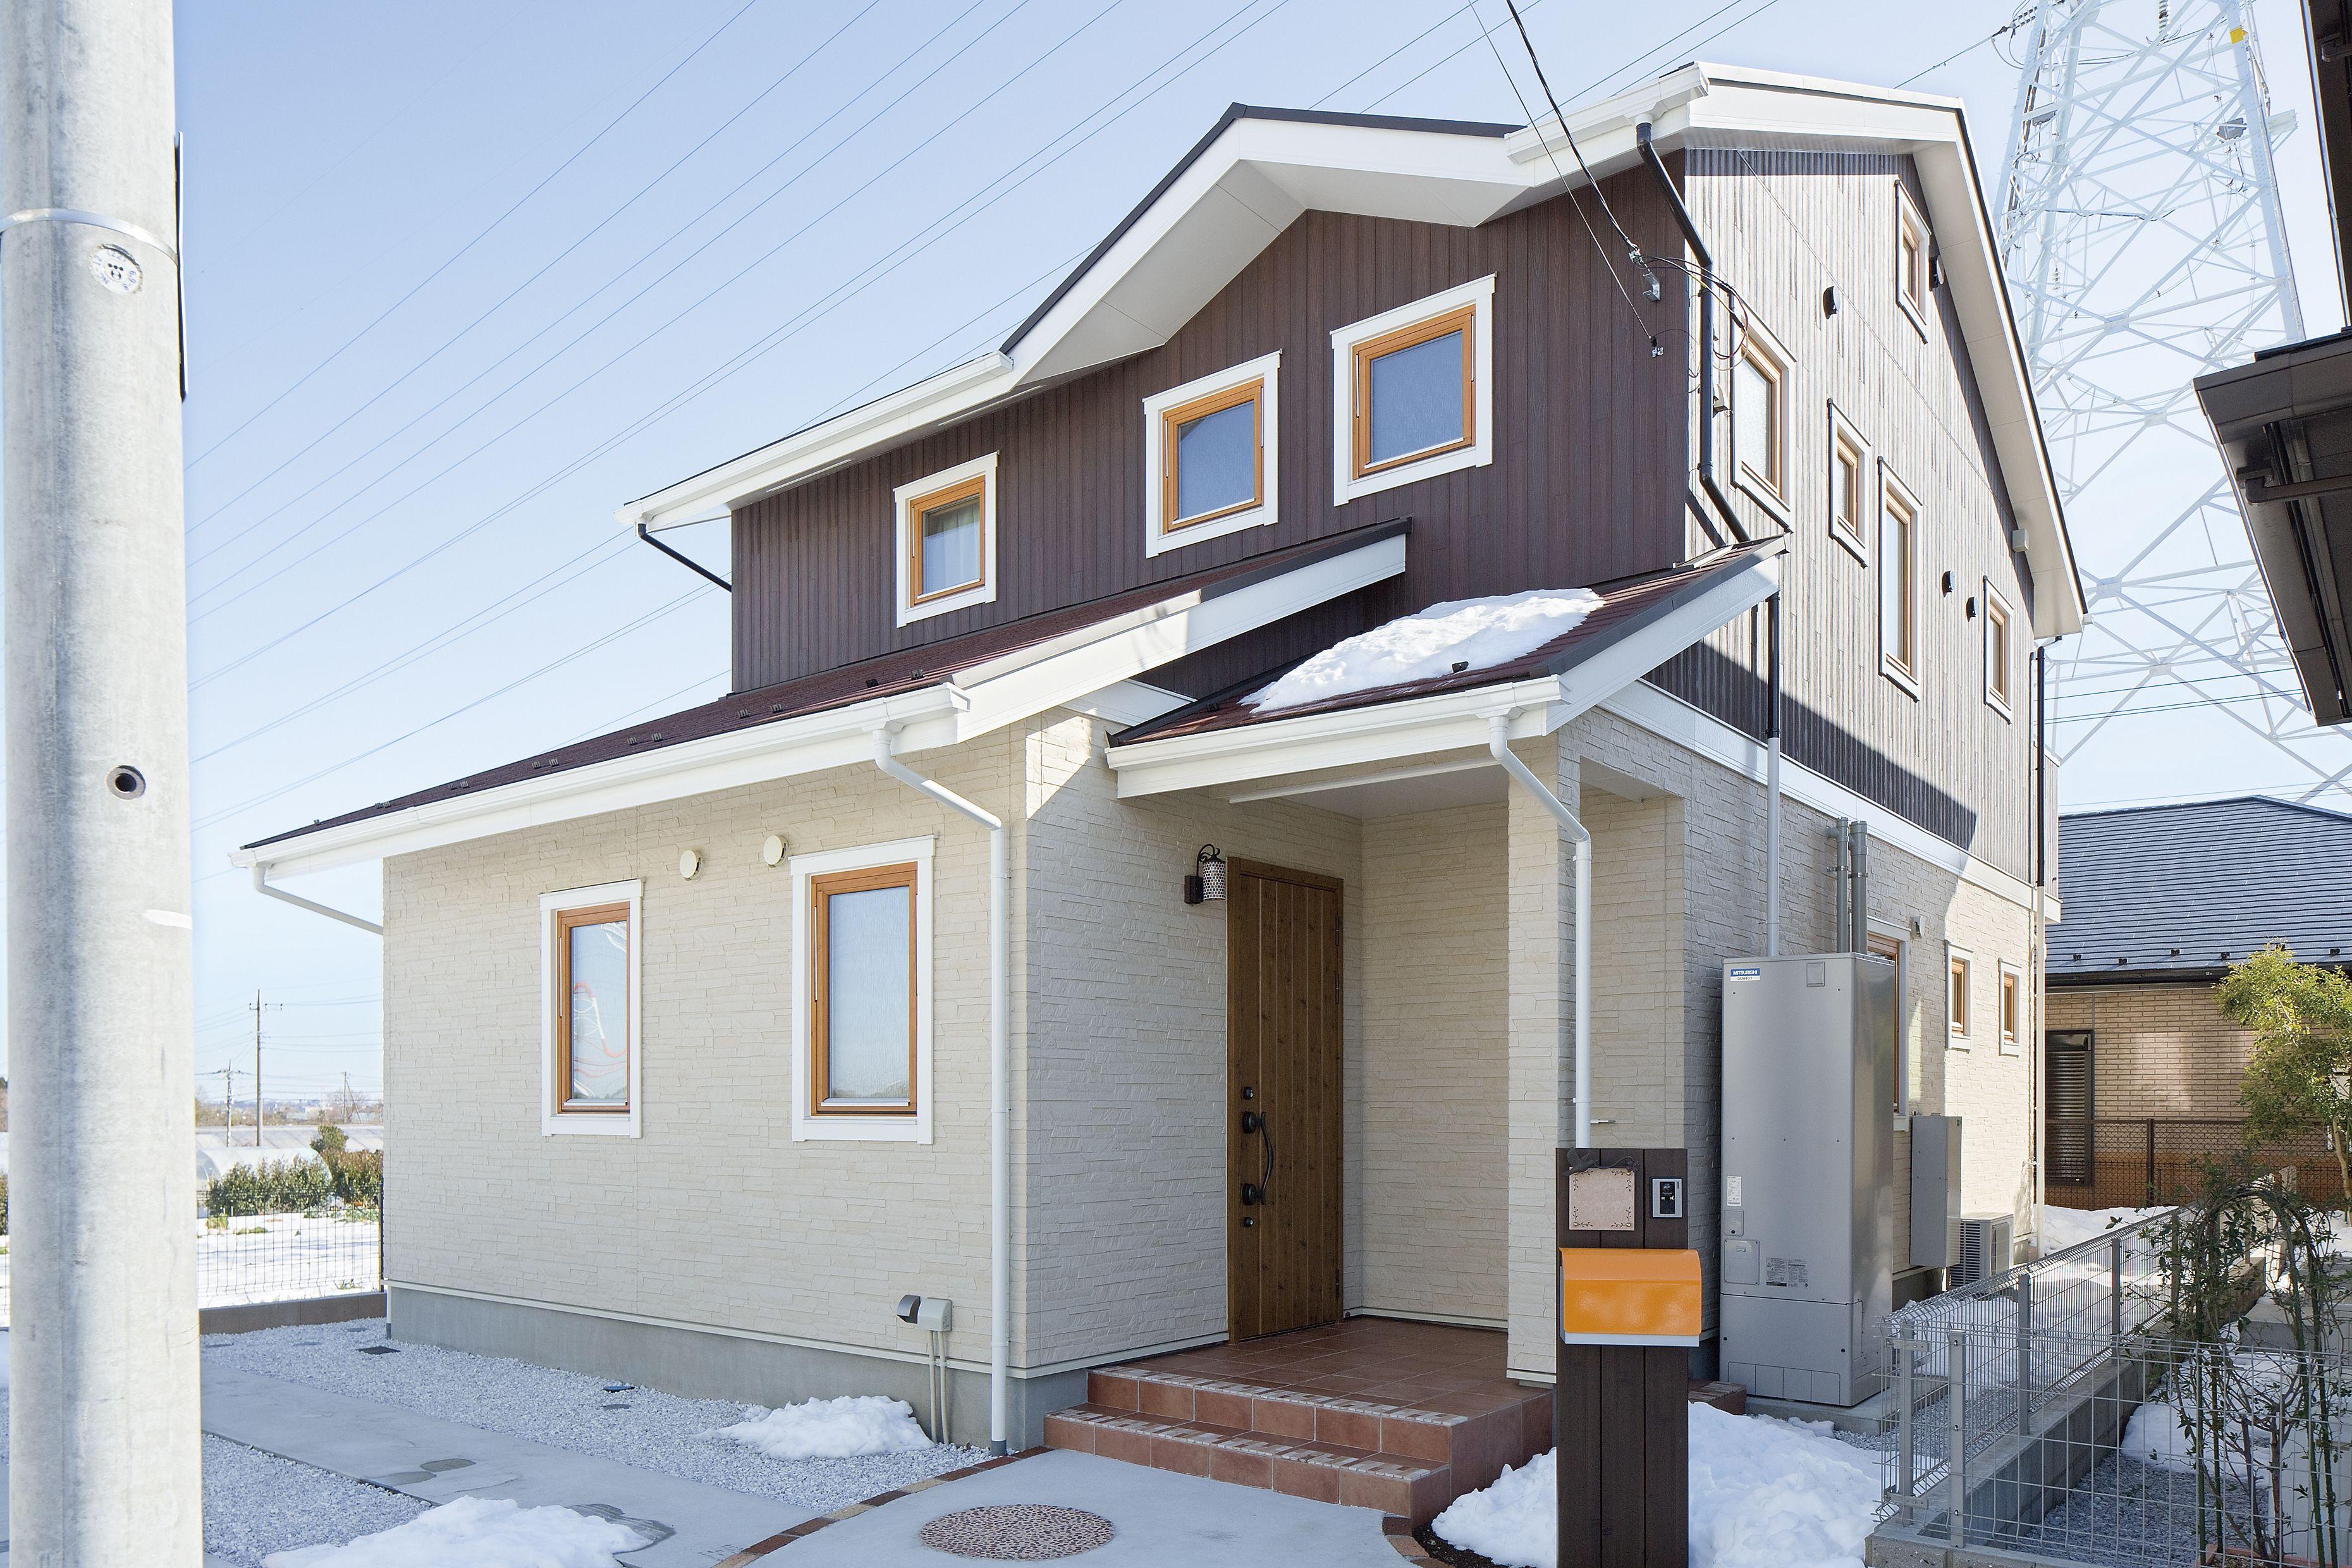 北欧外観 ツートン外観 北欧住宅 木製窓 北欧住宅 マイホーム